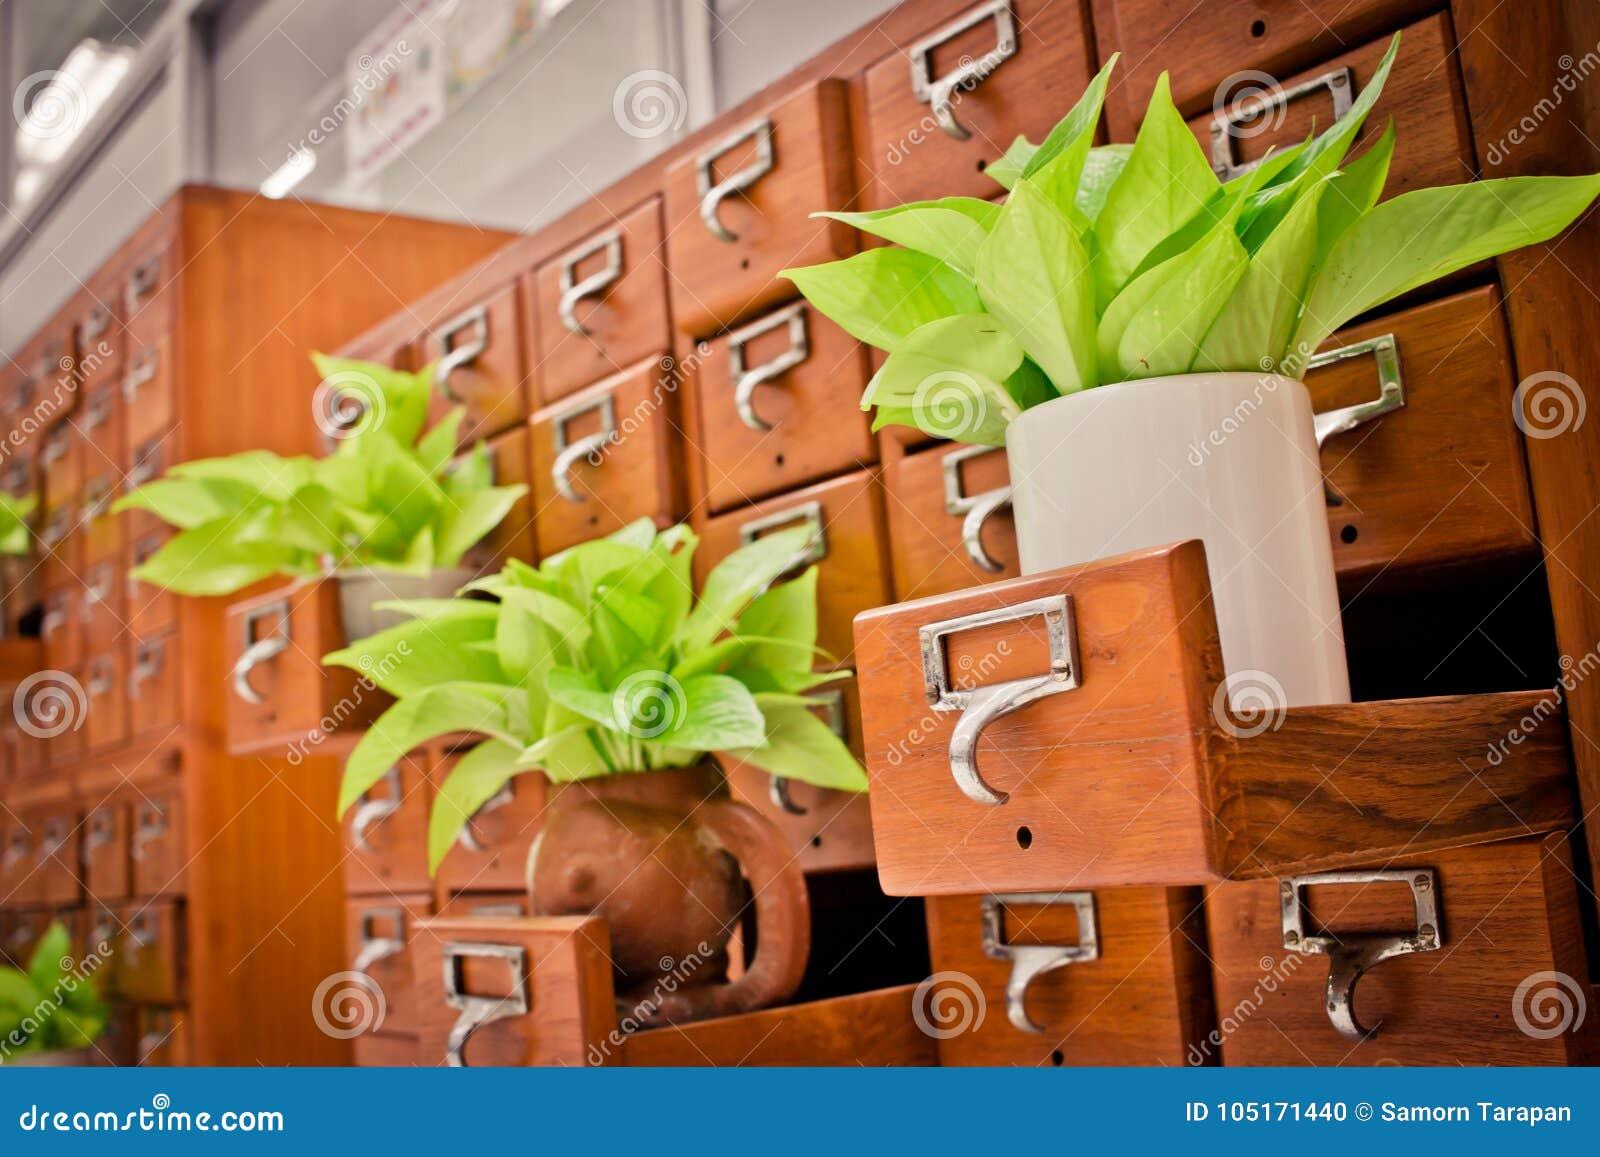 Árvore em caixas de madeira do armário Open no arquivo r da biblioteca ou do arquivamento